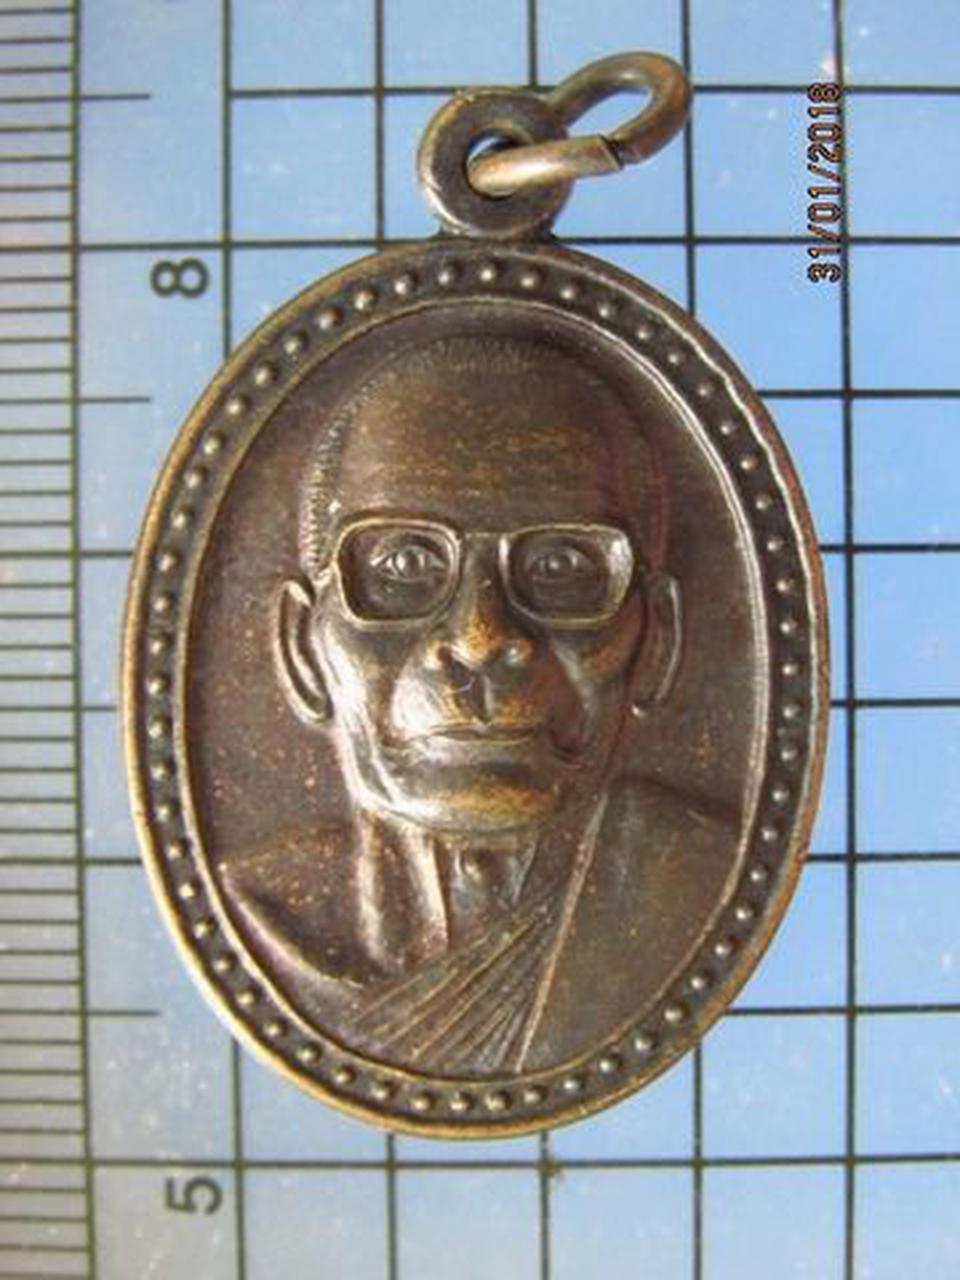 5053 เหรียญหลวงพ่อคง วัดตะคร้อ ปี2543 รุ่น มั่งมี ศรีสุข จ.น รูปที่ 2